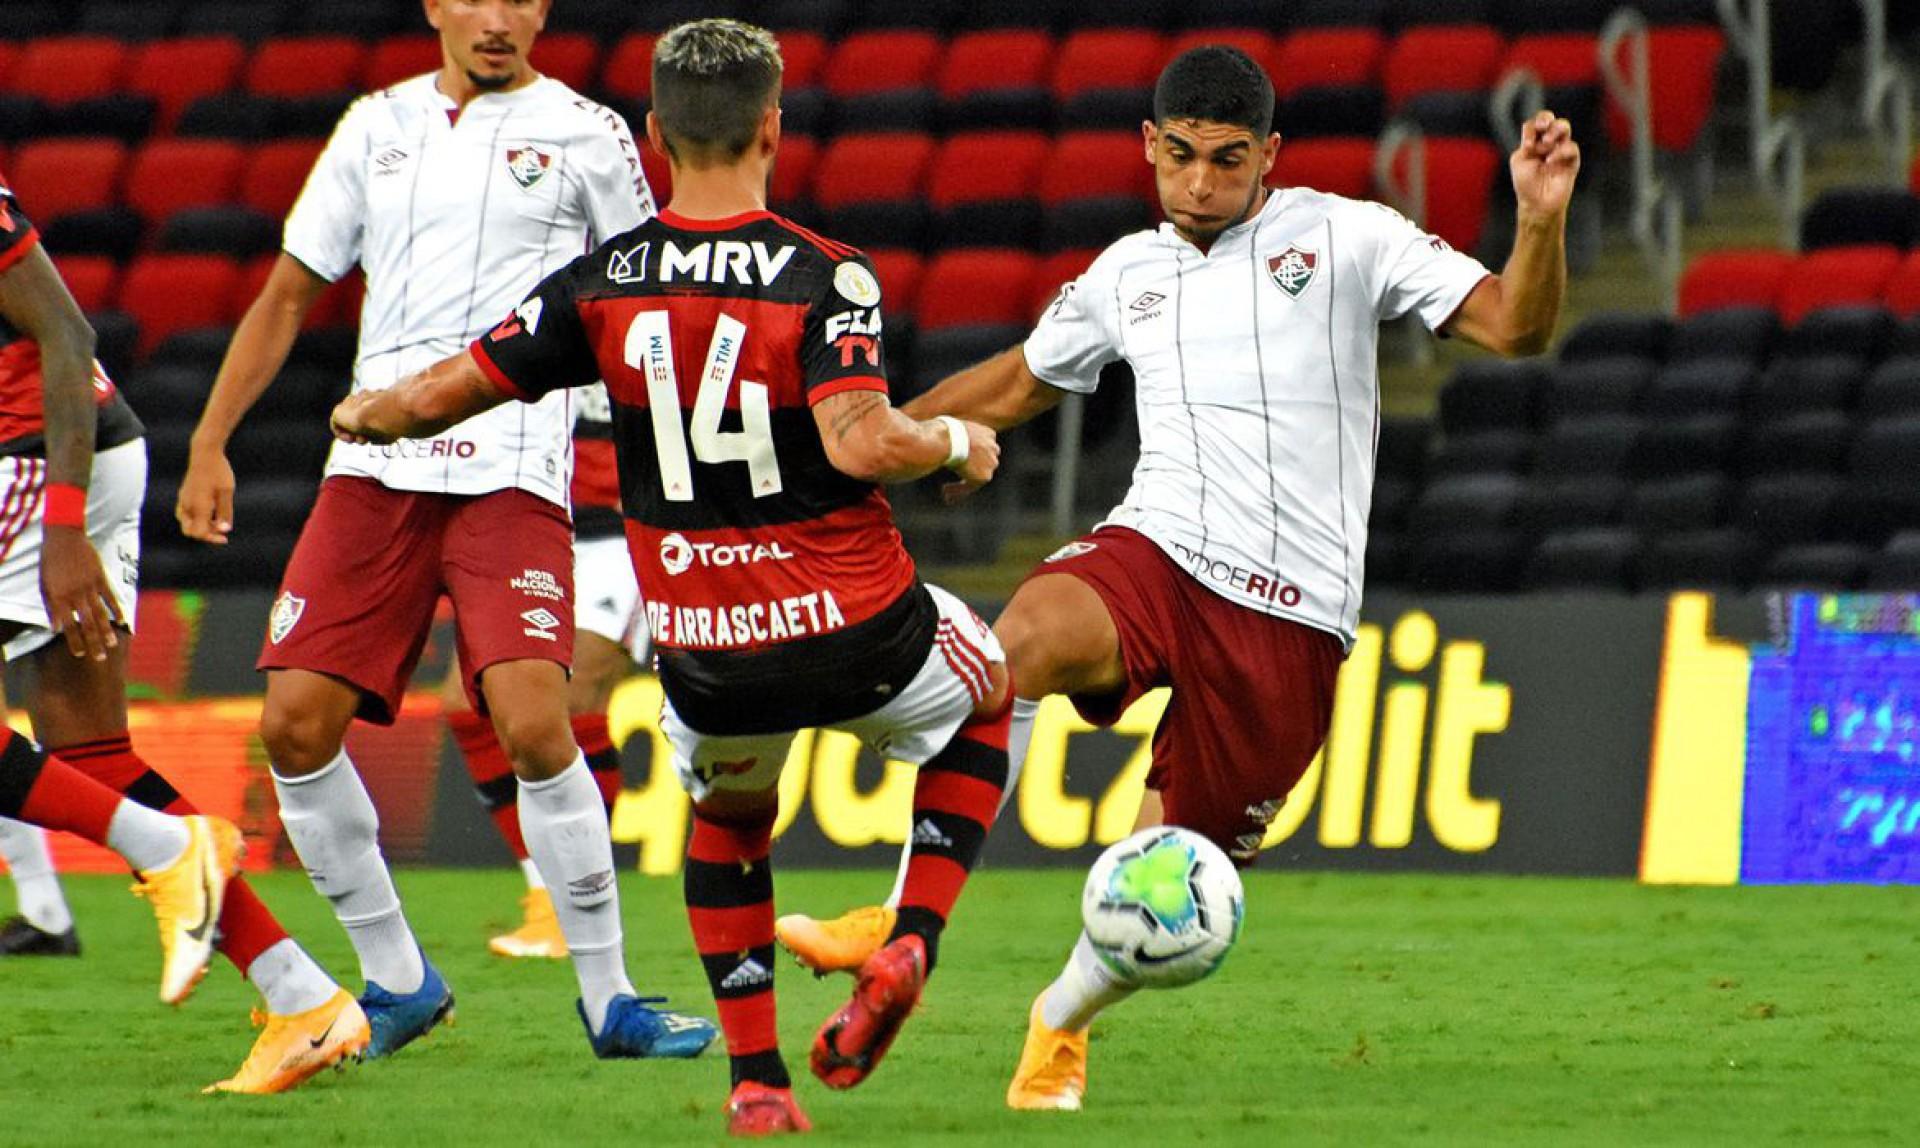 Fluminense X Flamengo Ao Vivo Onde Assistir A Transmissao E Horario Futebol Esportes O Povo